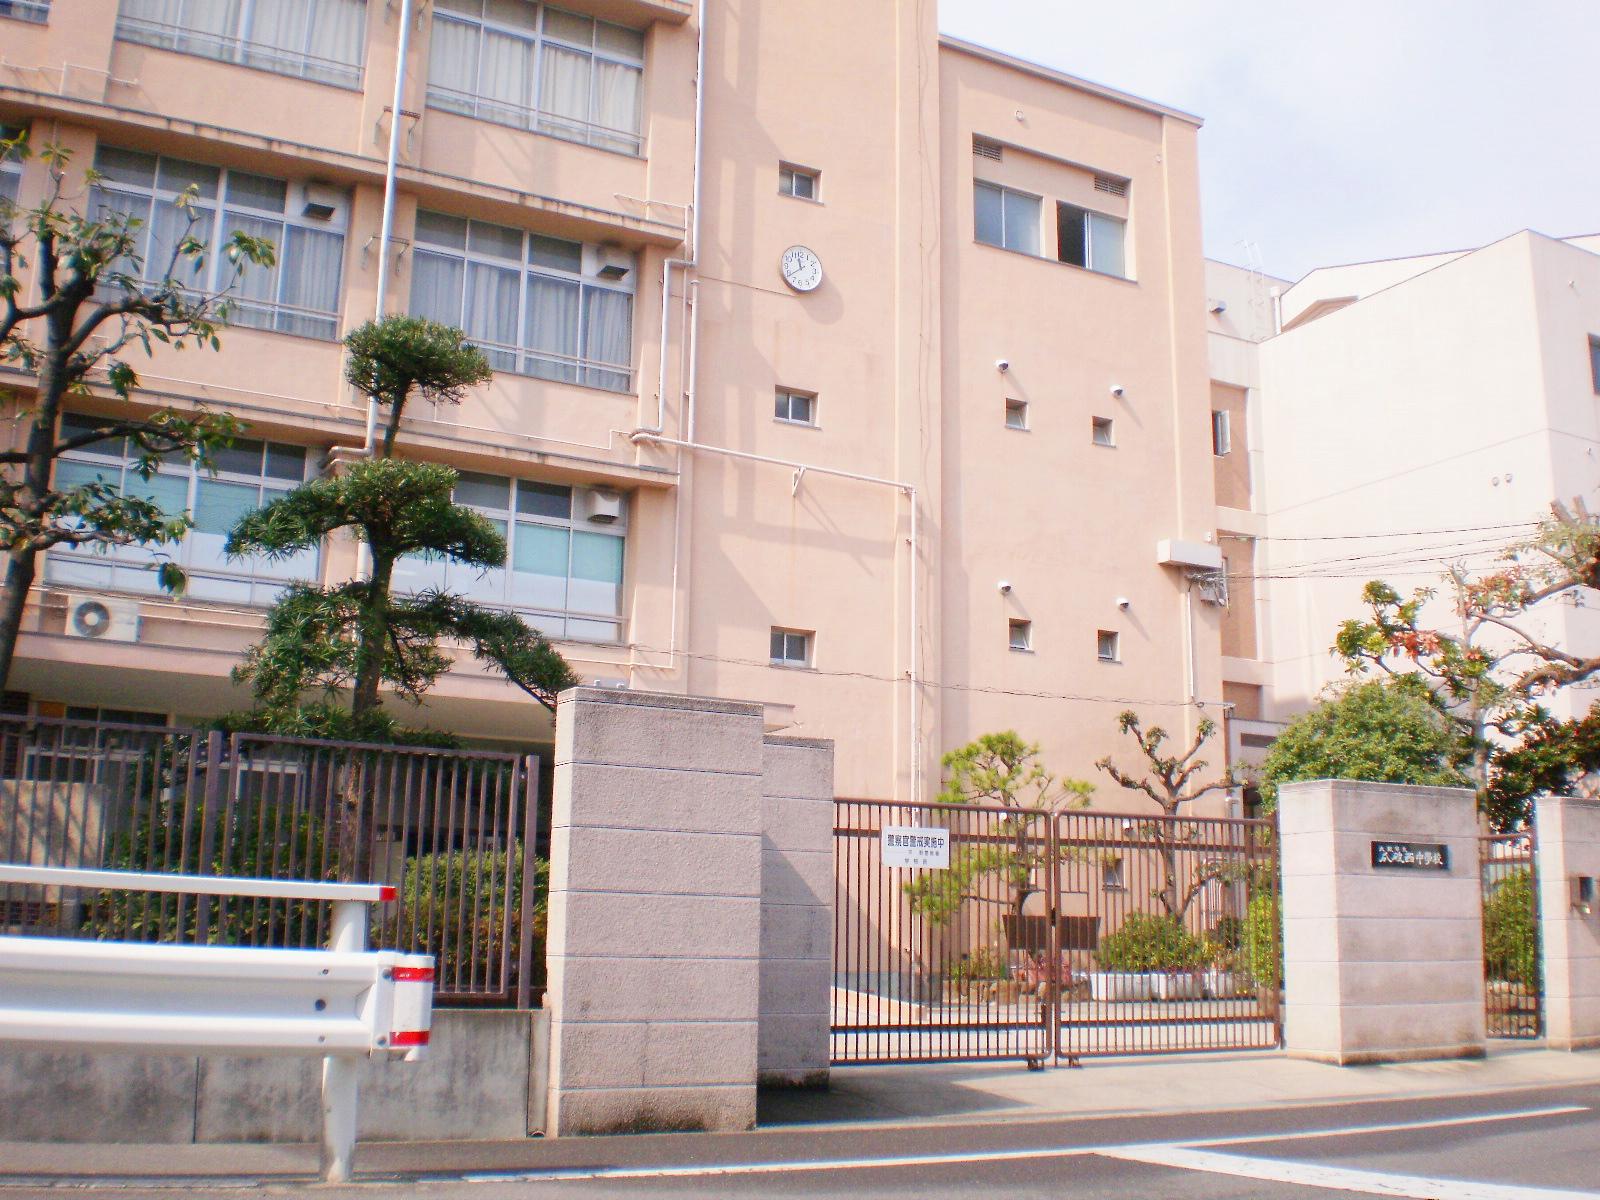 中学校 大阪市立瓜破西中学校(中学校)まで139m